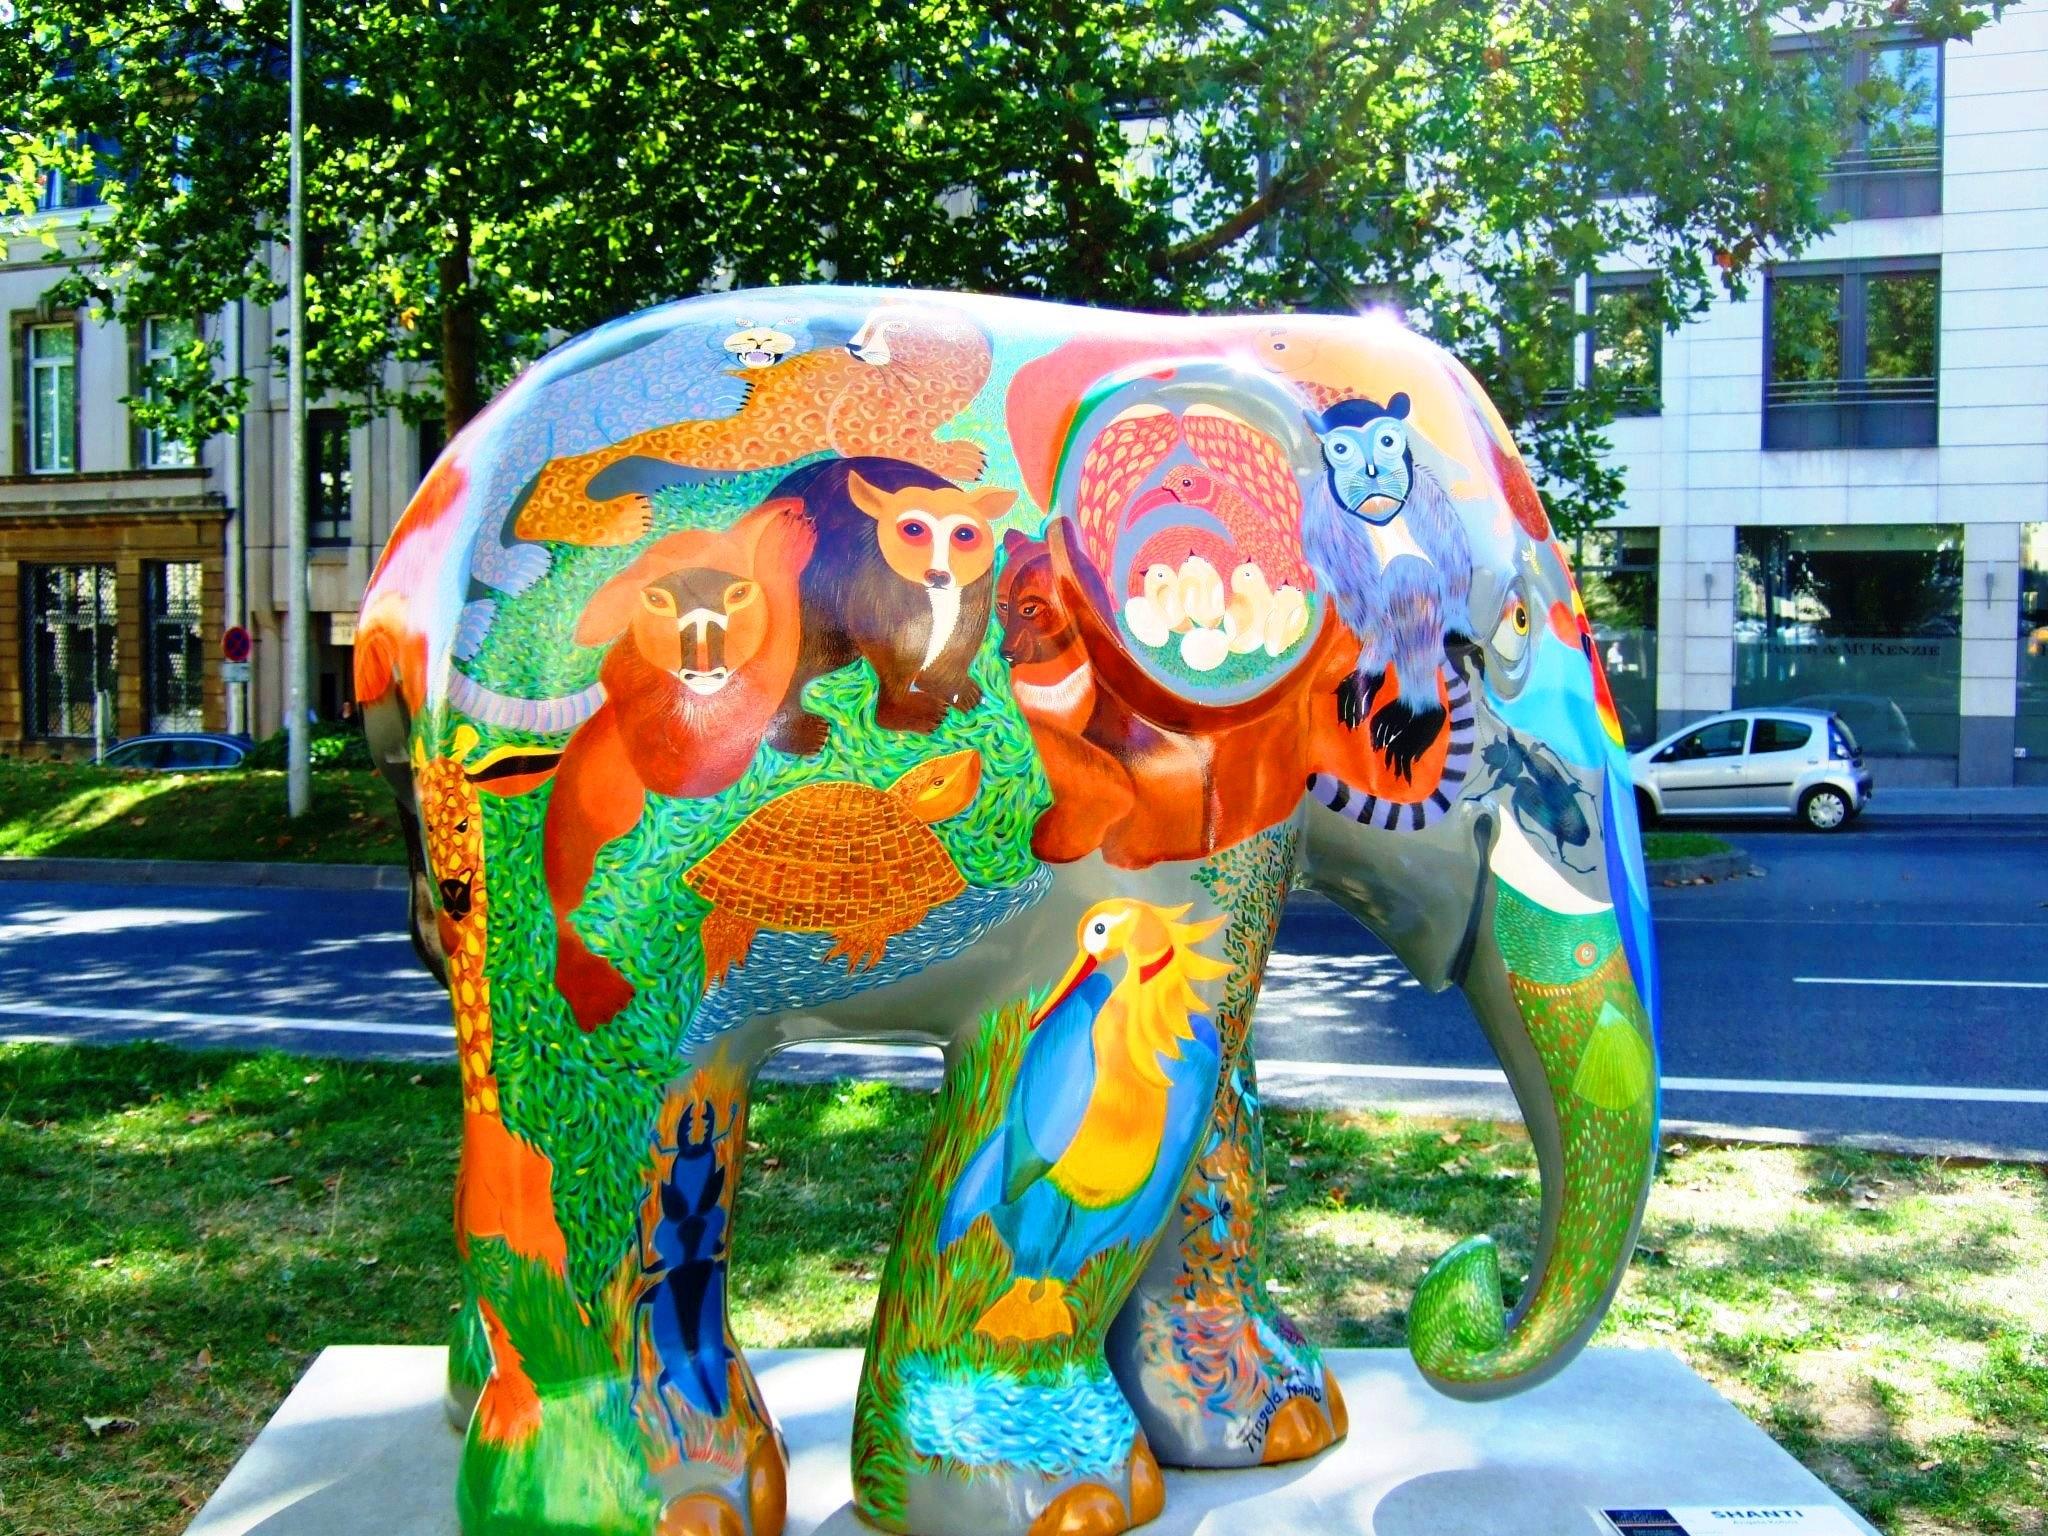 Fotoğraf Fırça Heykel Lunapark Renk Park Boya Renkli Fil